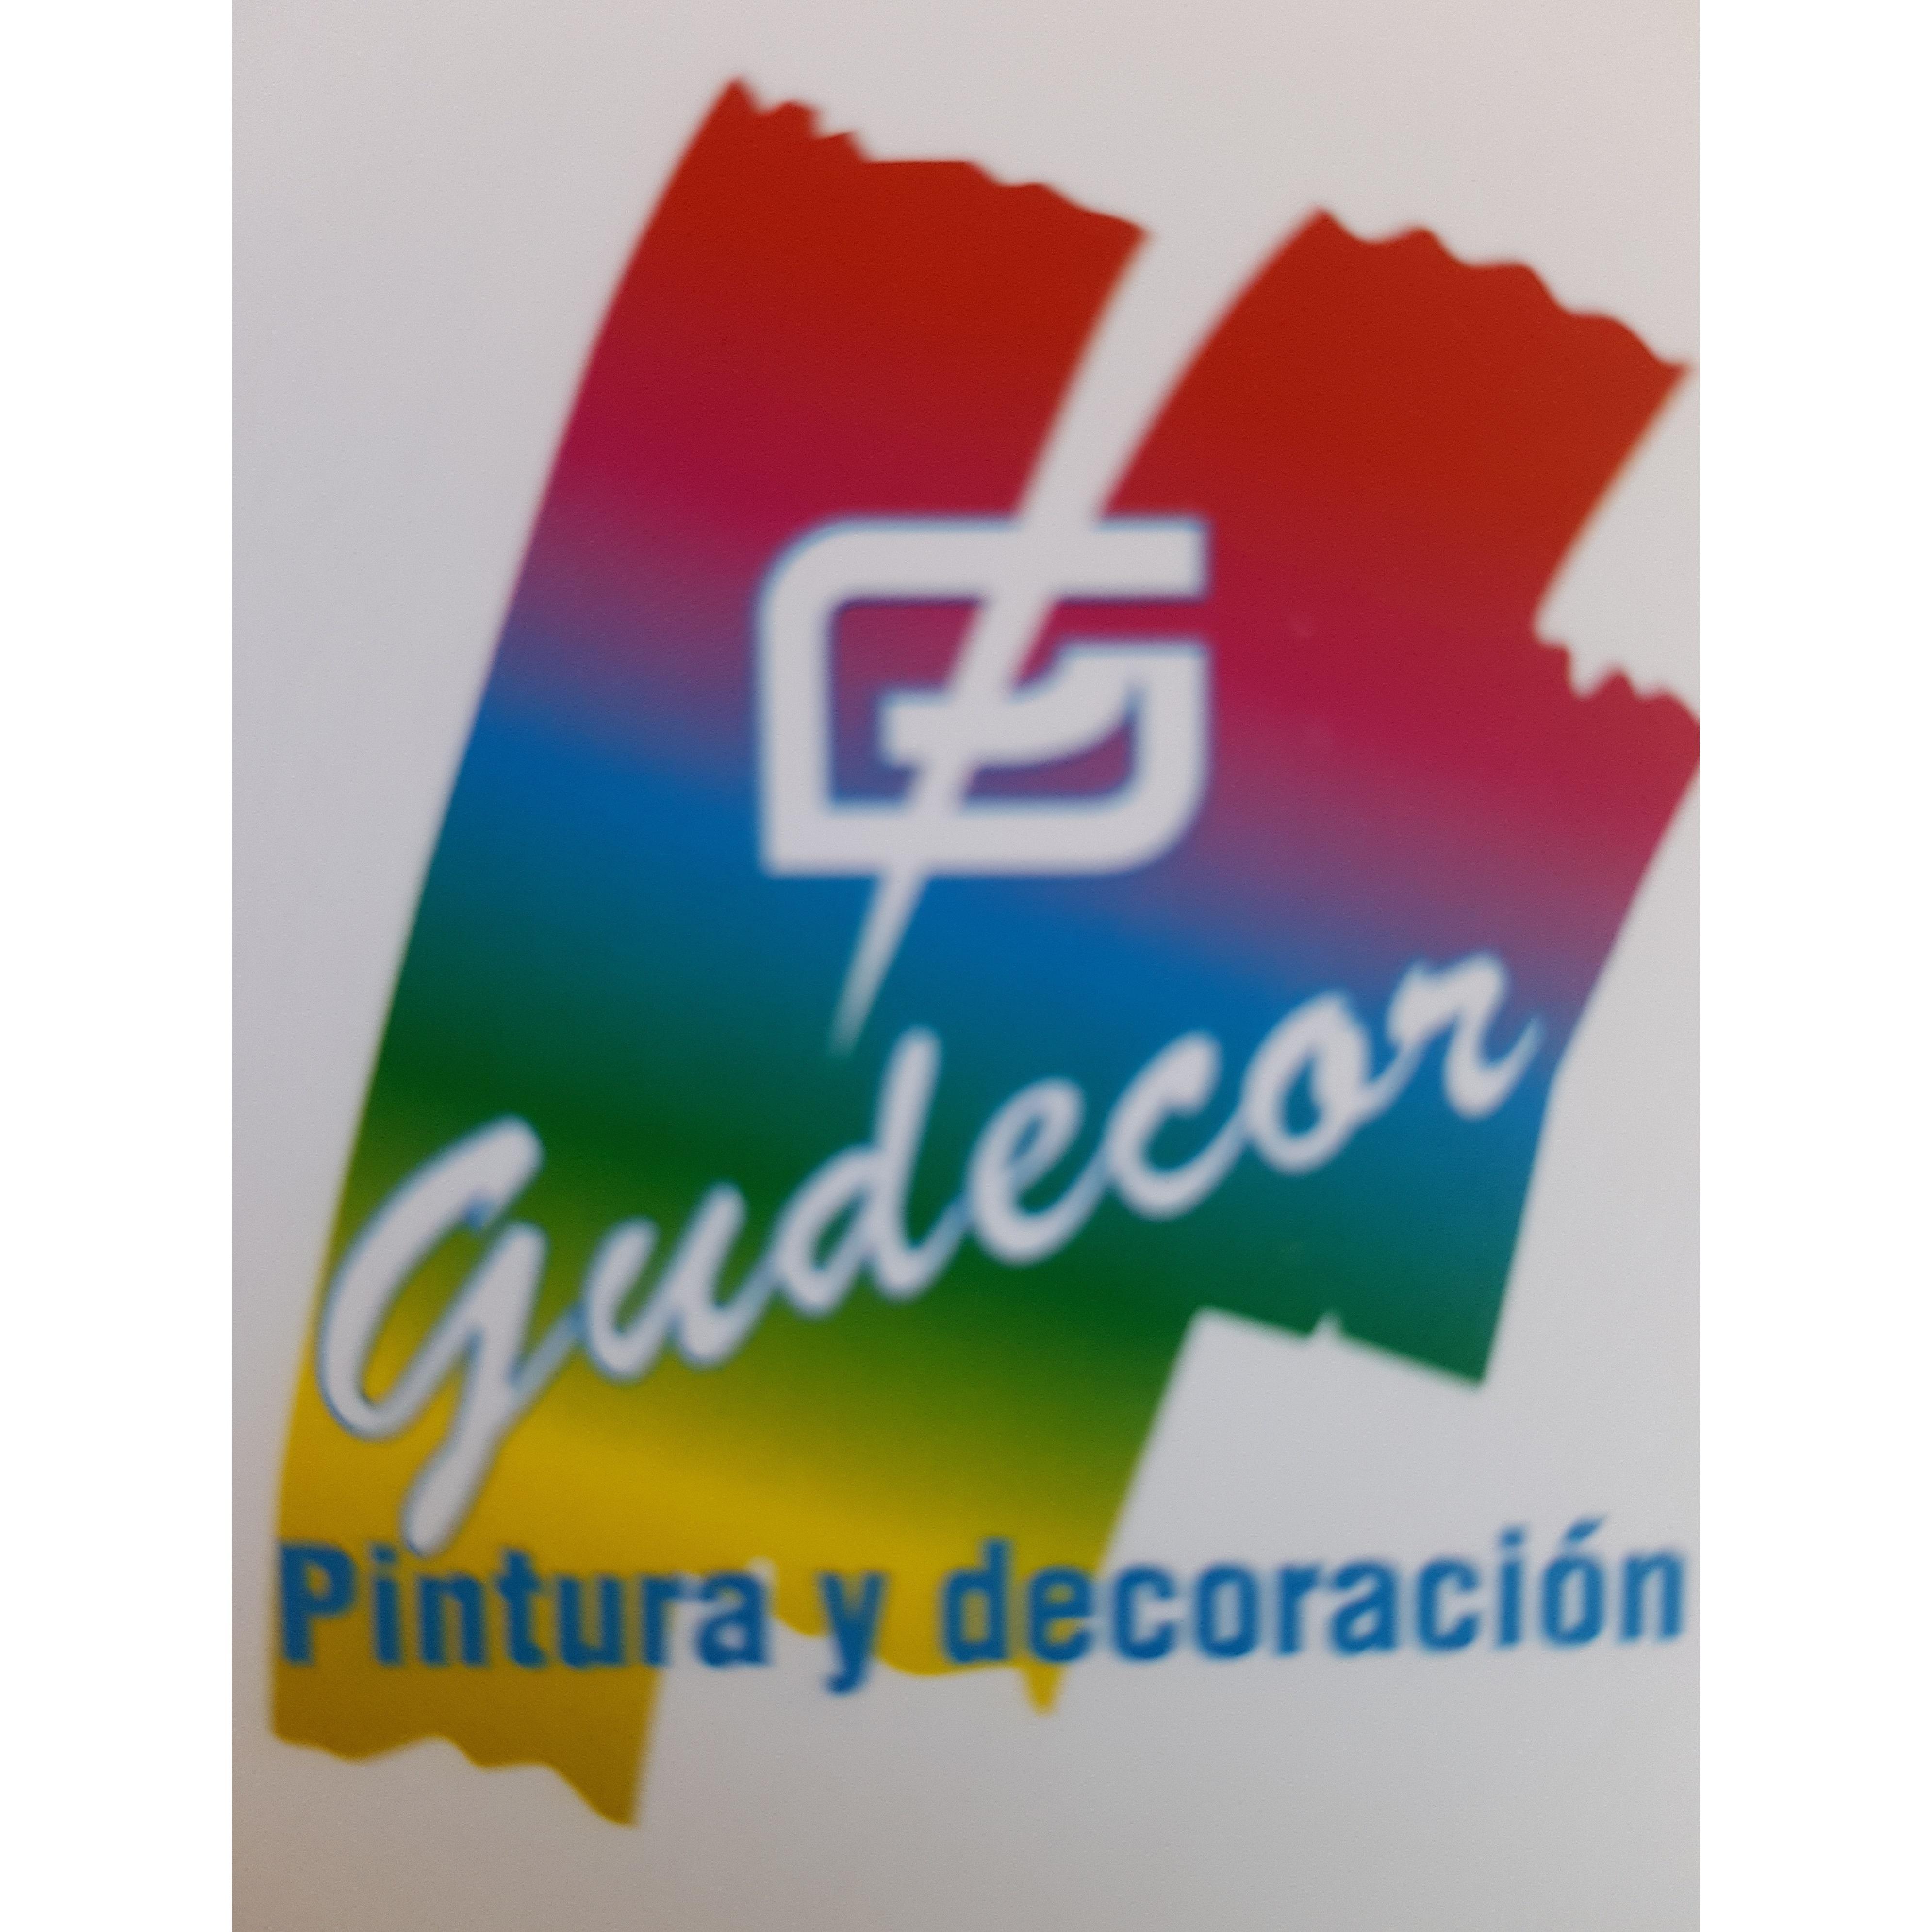 GUDECOR